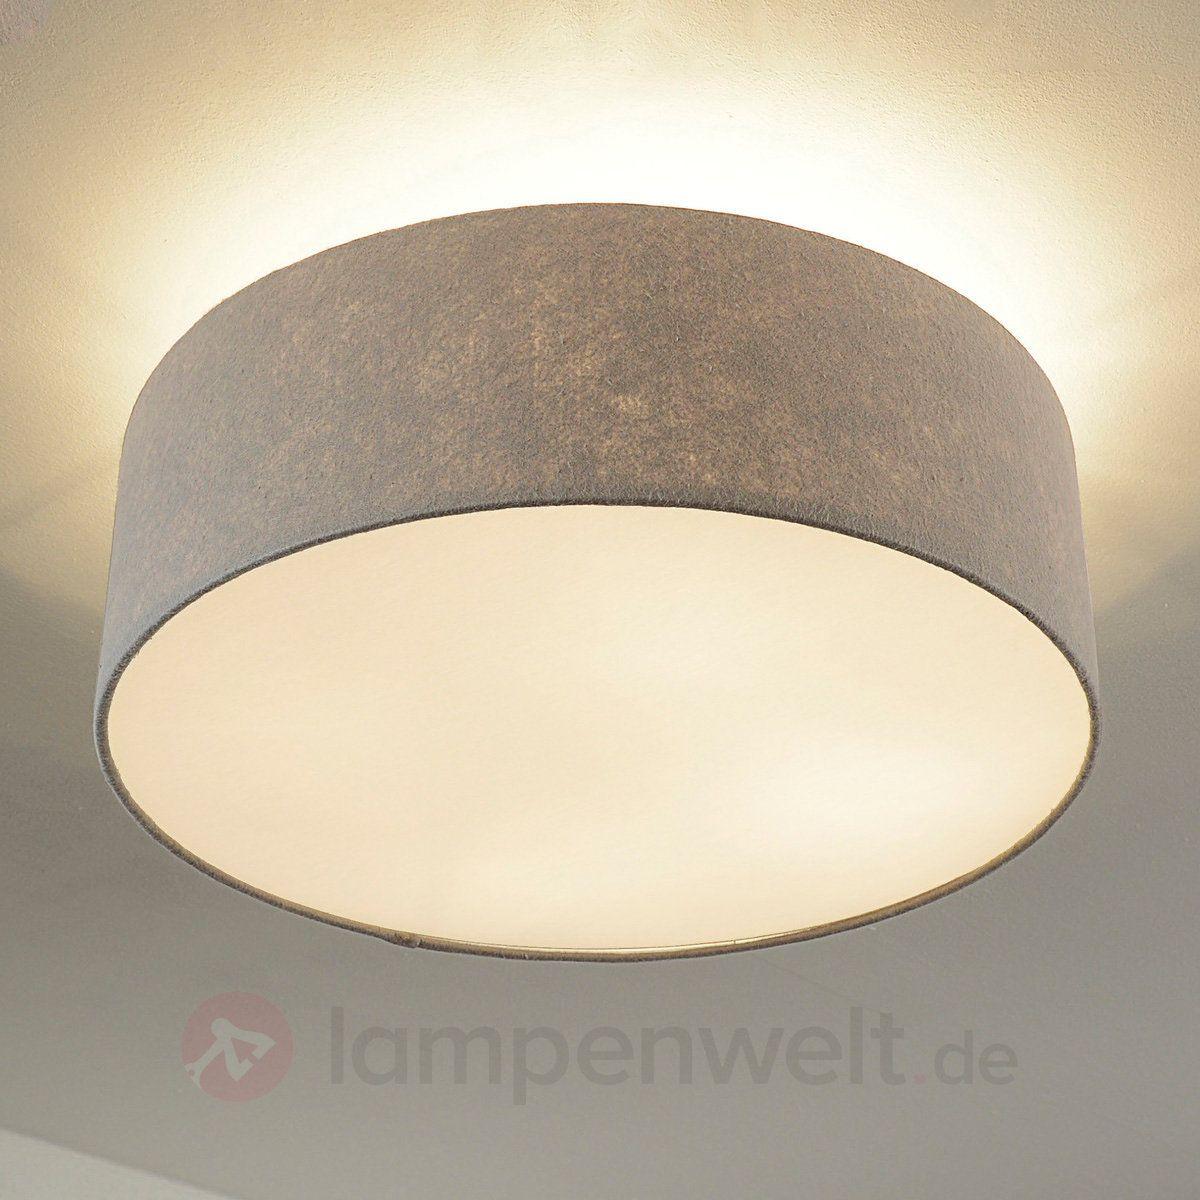 delightful schlafzimmer deckenlampe #1: Deckenleuchte 71764 modern Stoff taupe rund | Dream home | Pinterest |  Taupe, Modern and Room